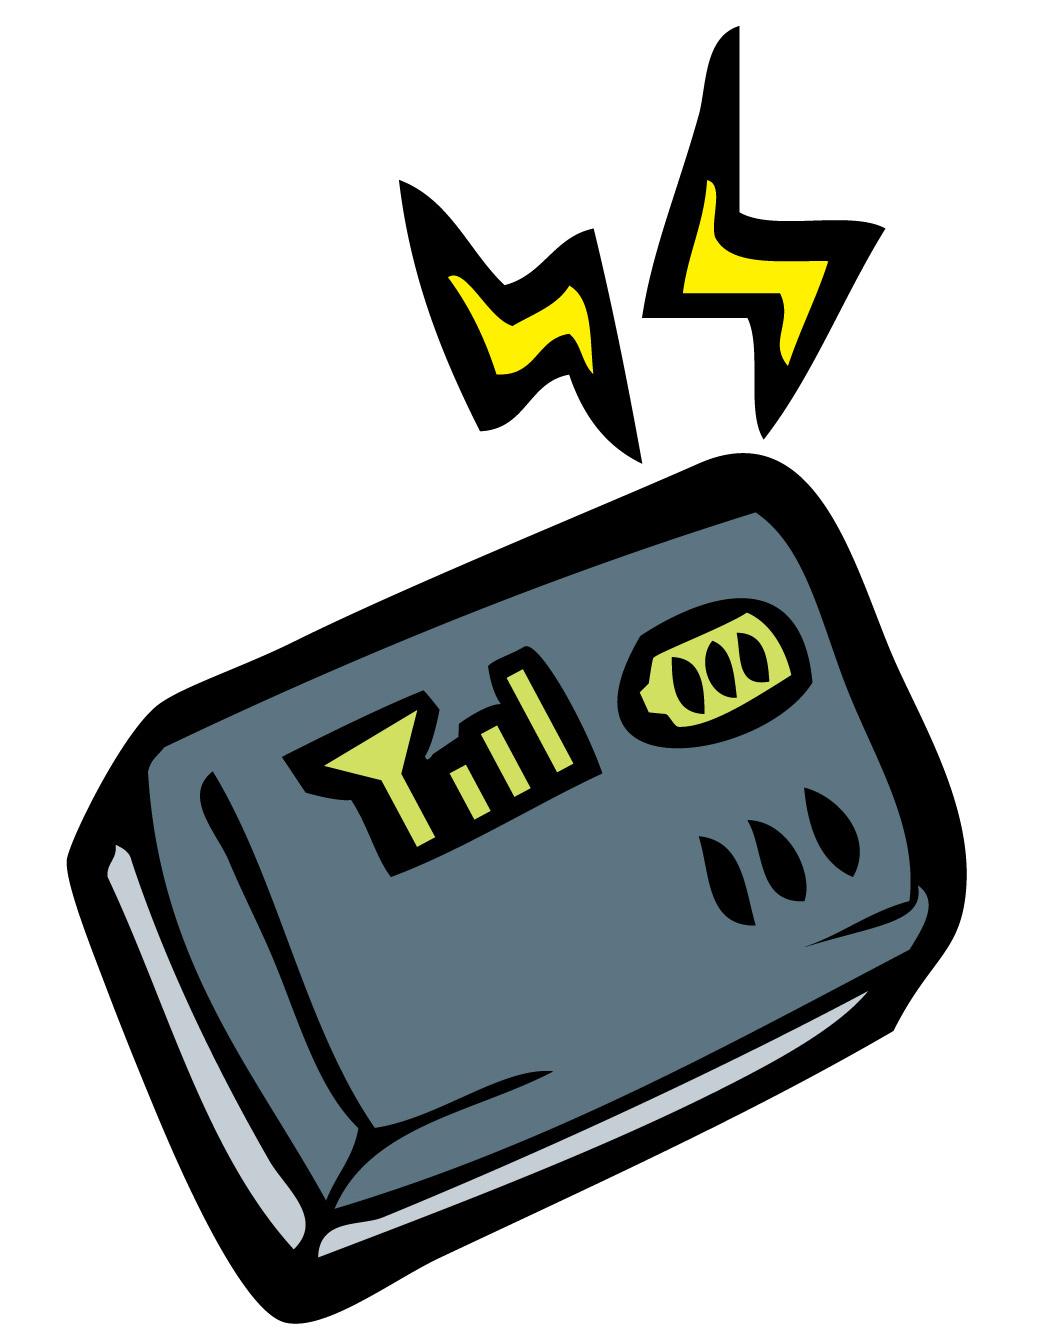 モバイルWi-Fiの画像